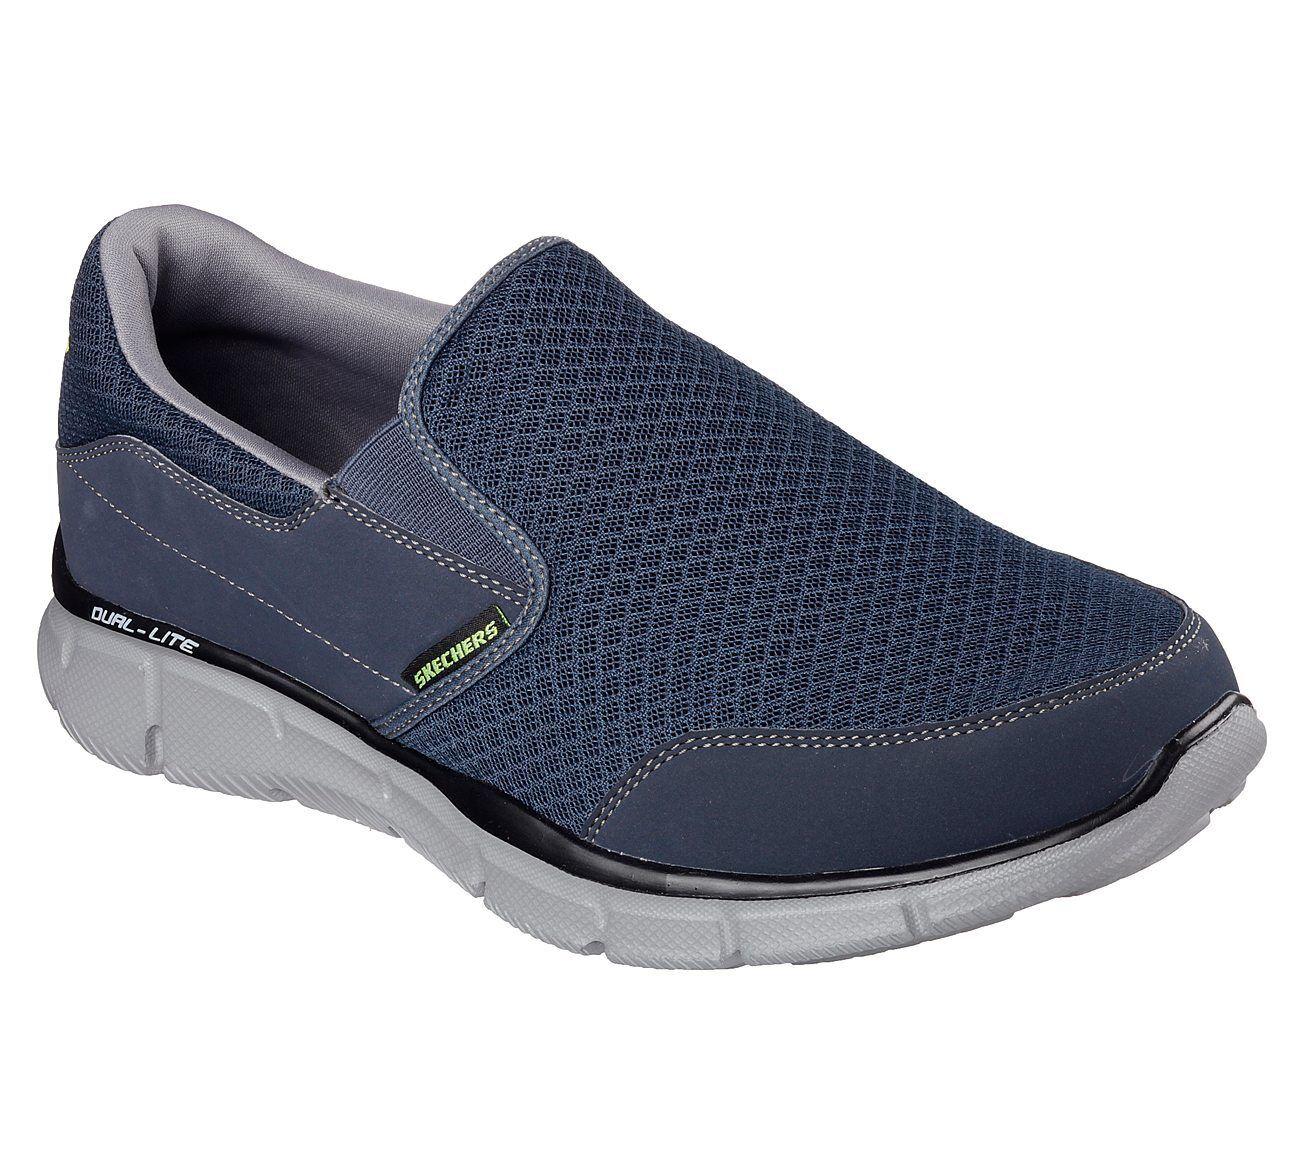 Skechers Equalizer - Persistente Scarpe Sportive Uomo Memory Foam Foam Foam da Passeggio   Aspetto estetico  c4d331